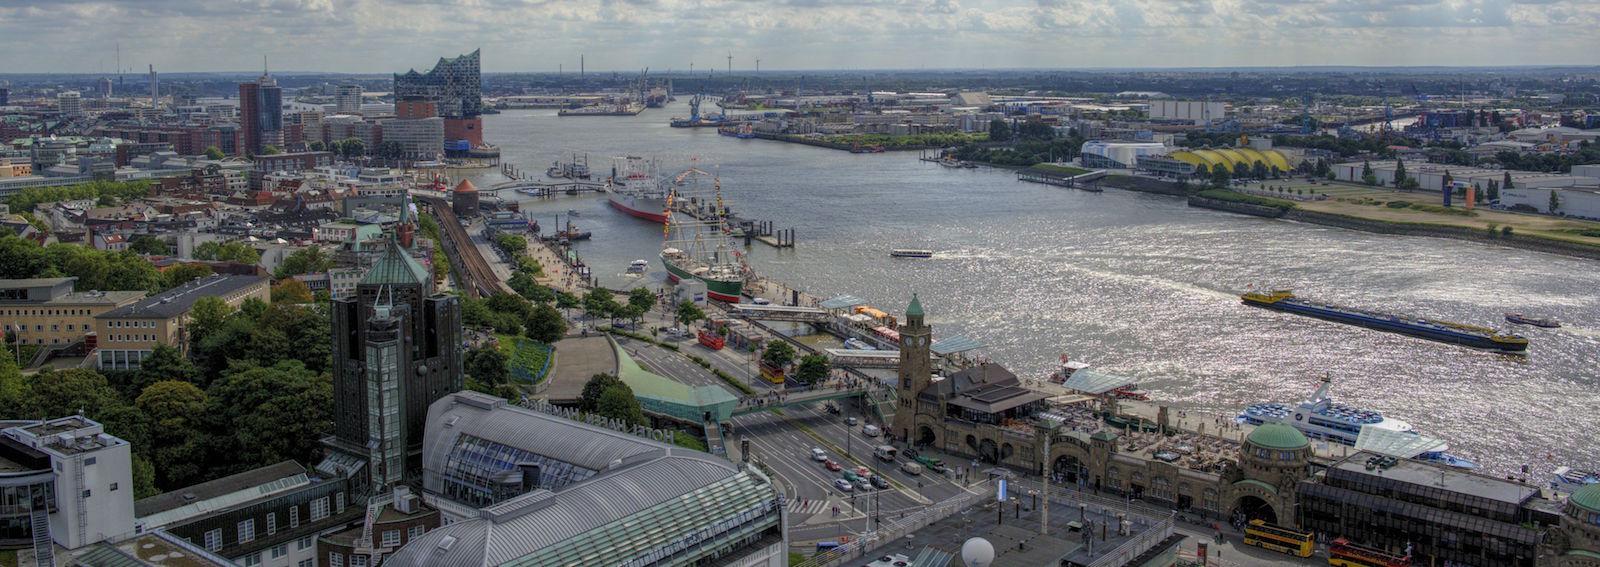 Amburgo credit Hamburg Tourismus